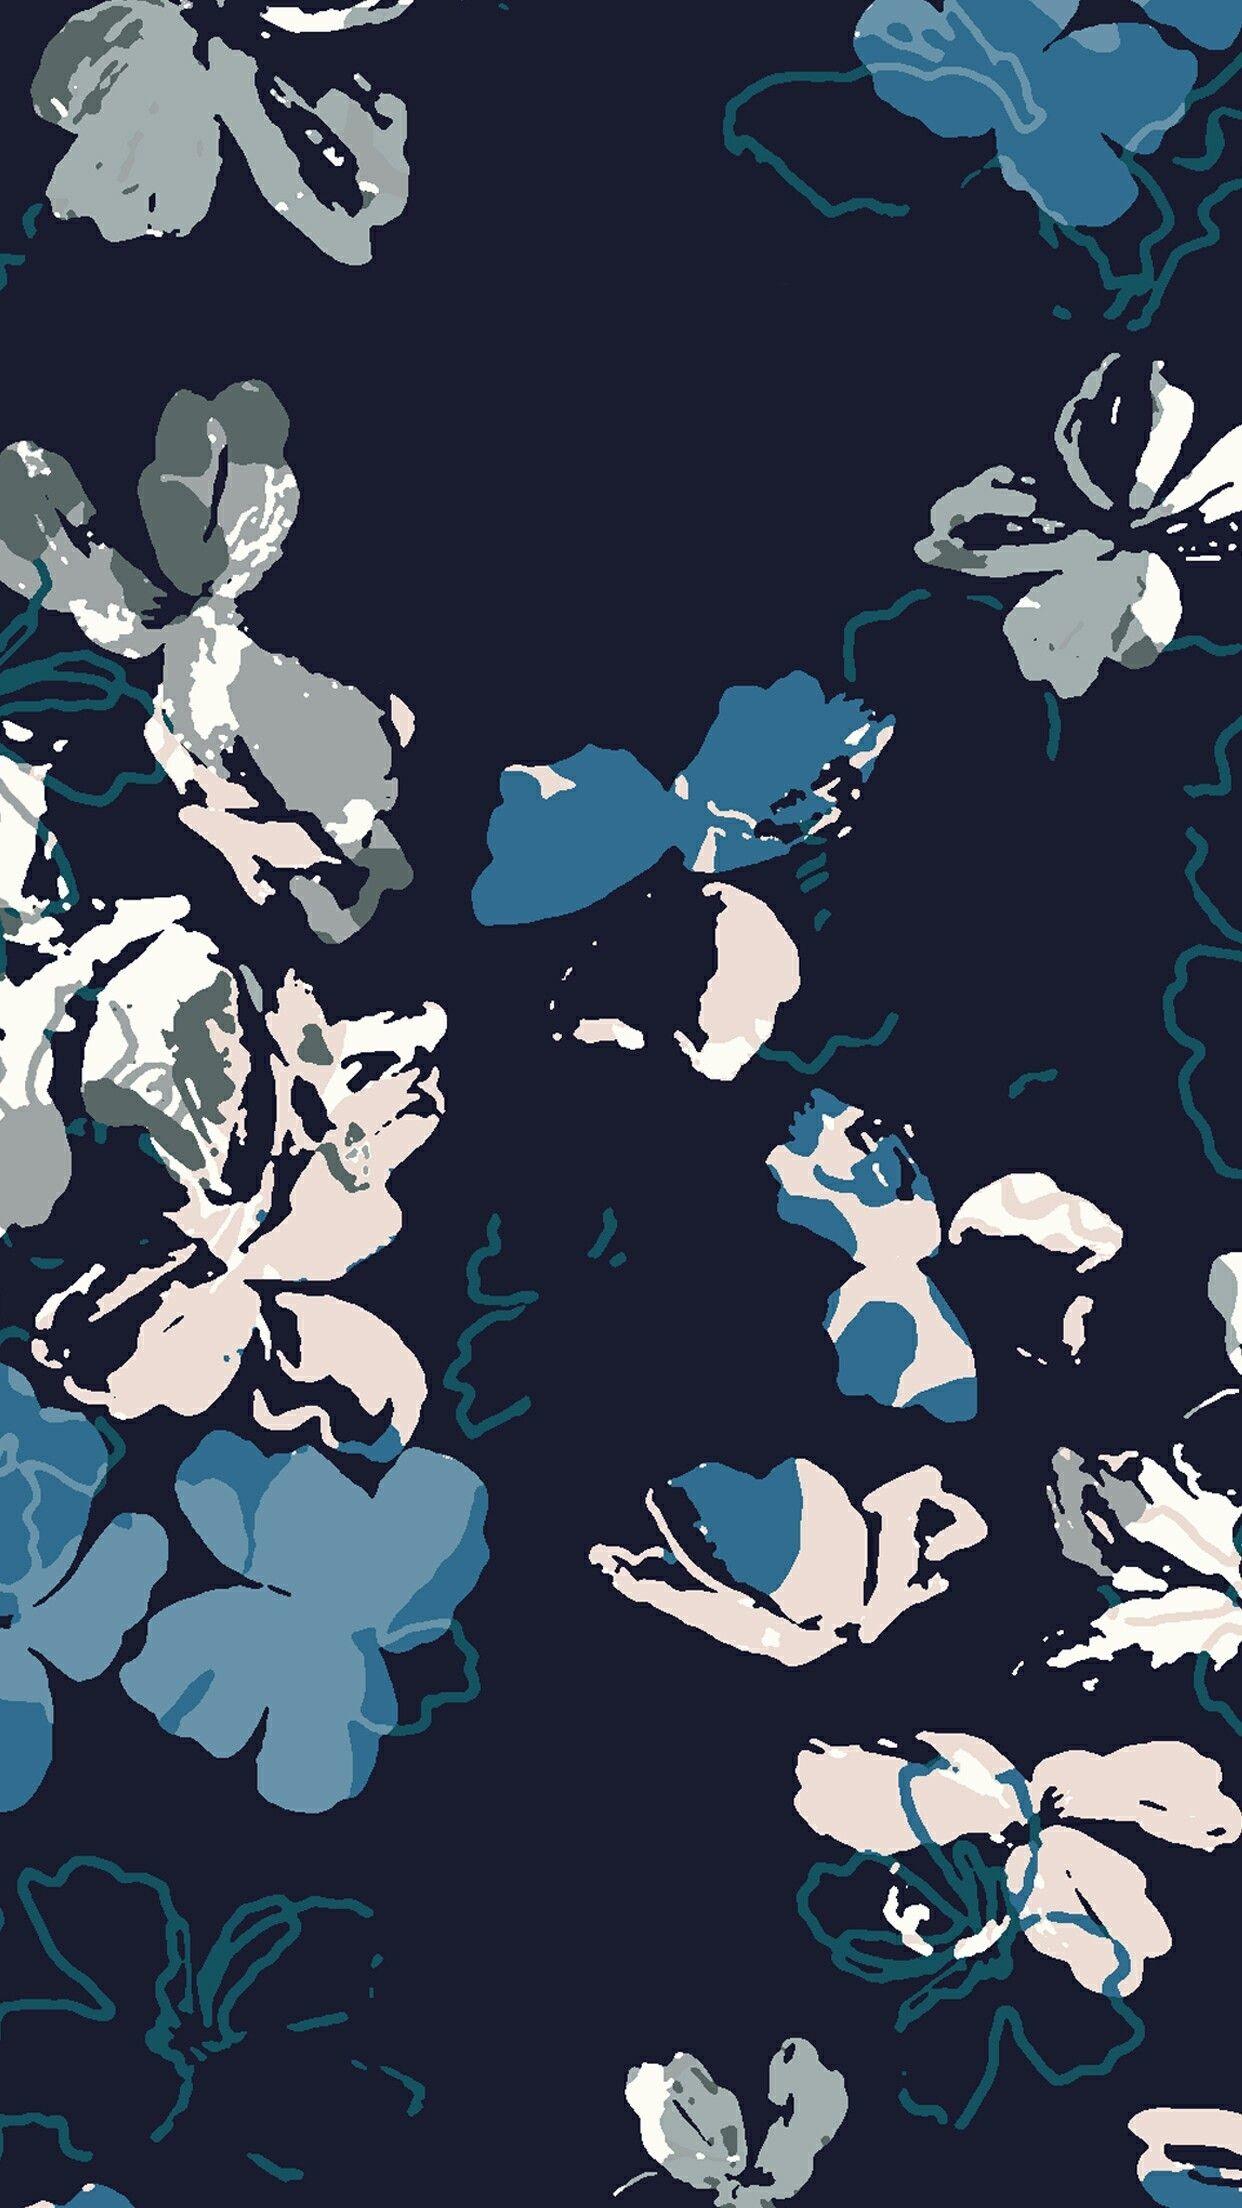 Cute Iphone 6 Plus Wallpaper 99 Iphone 6 Plus Wallpapers Lock Screen Nice Wallpaper For Iphone 1242x2208 Download Hd Wallpaper Wallpapertip